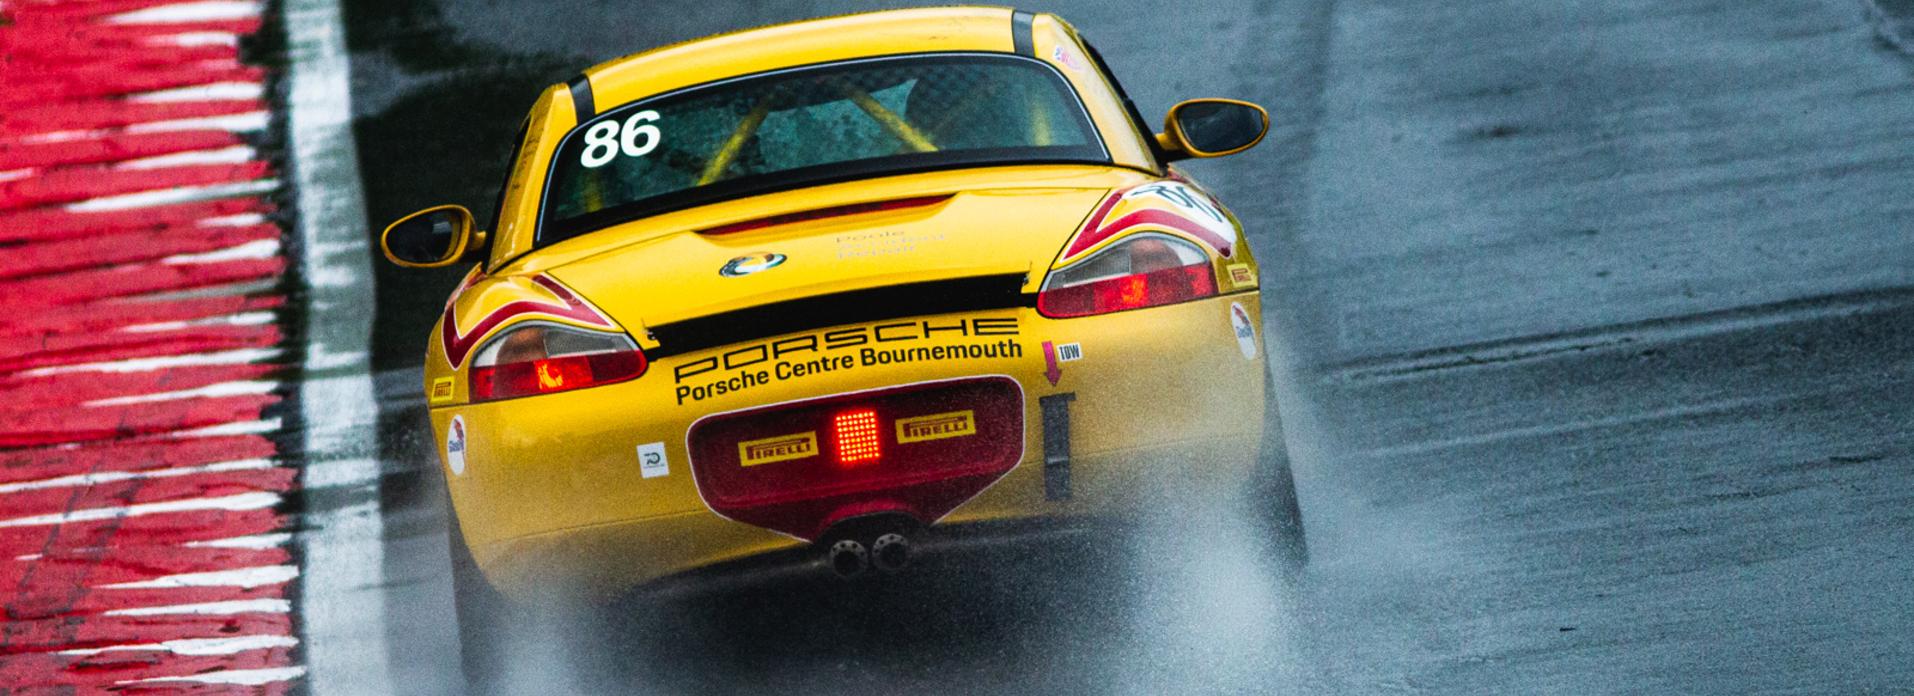 Porsche Bournemouth in first